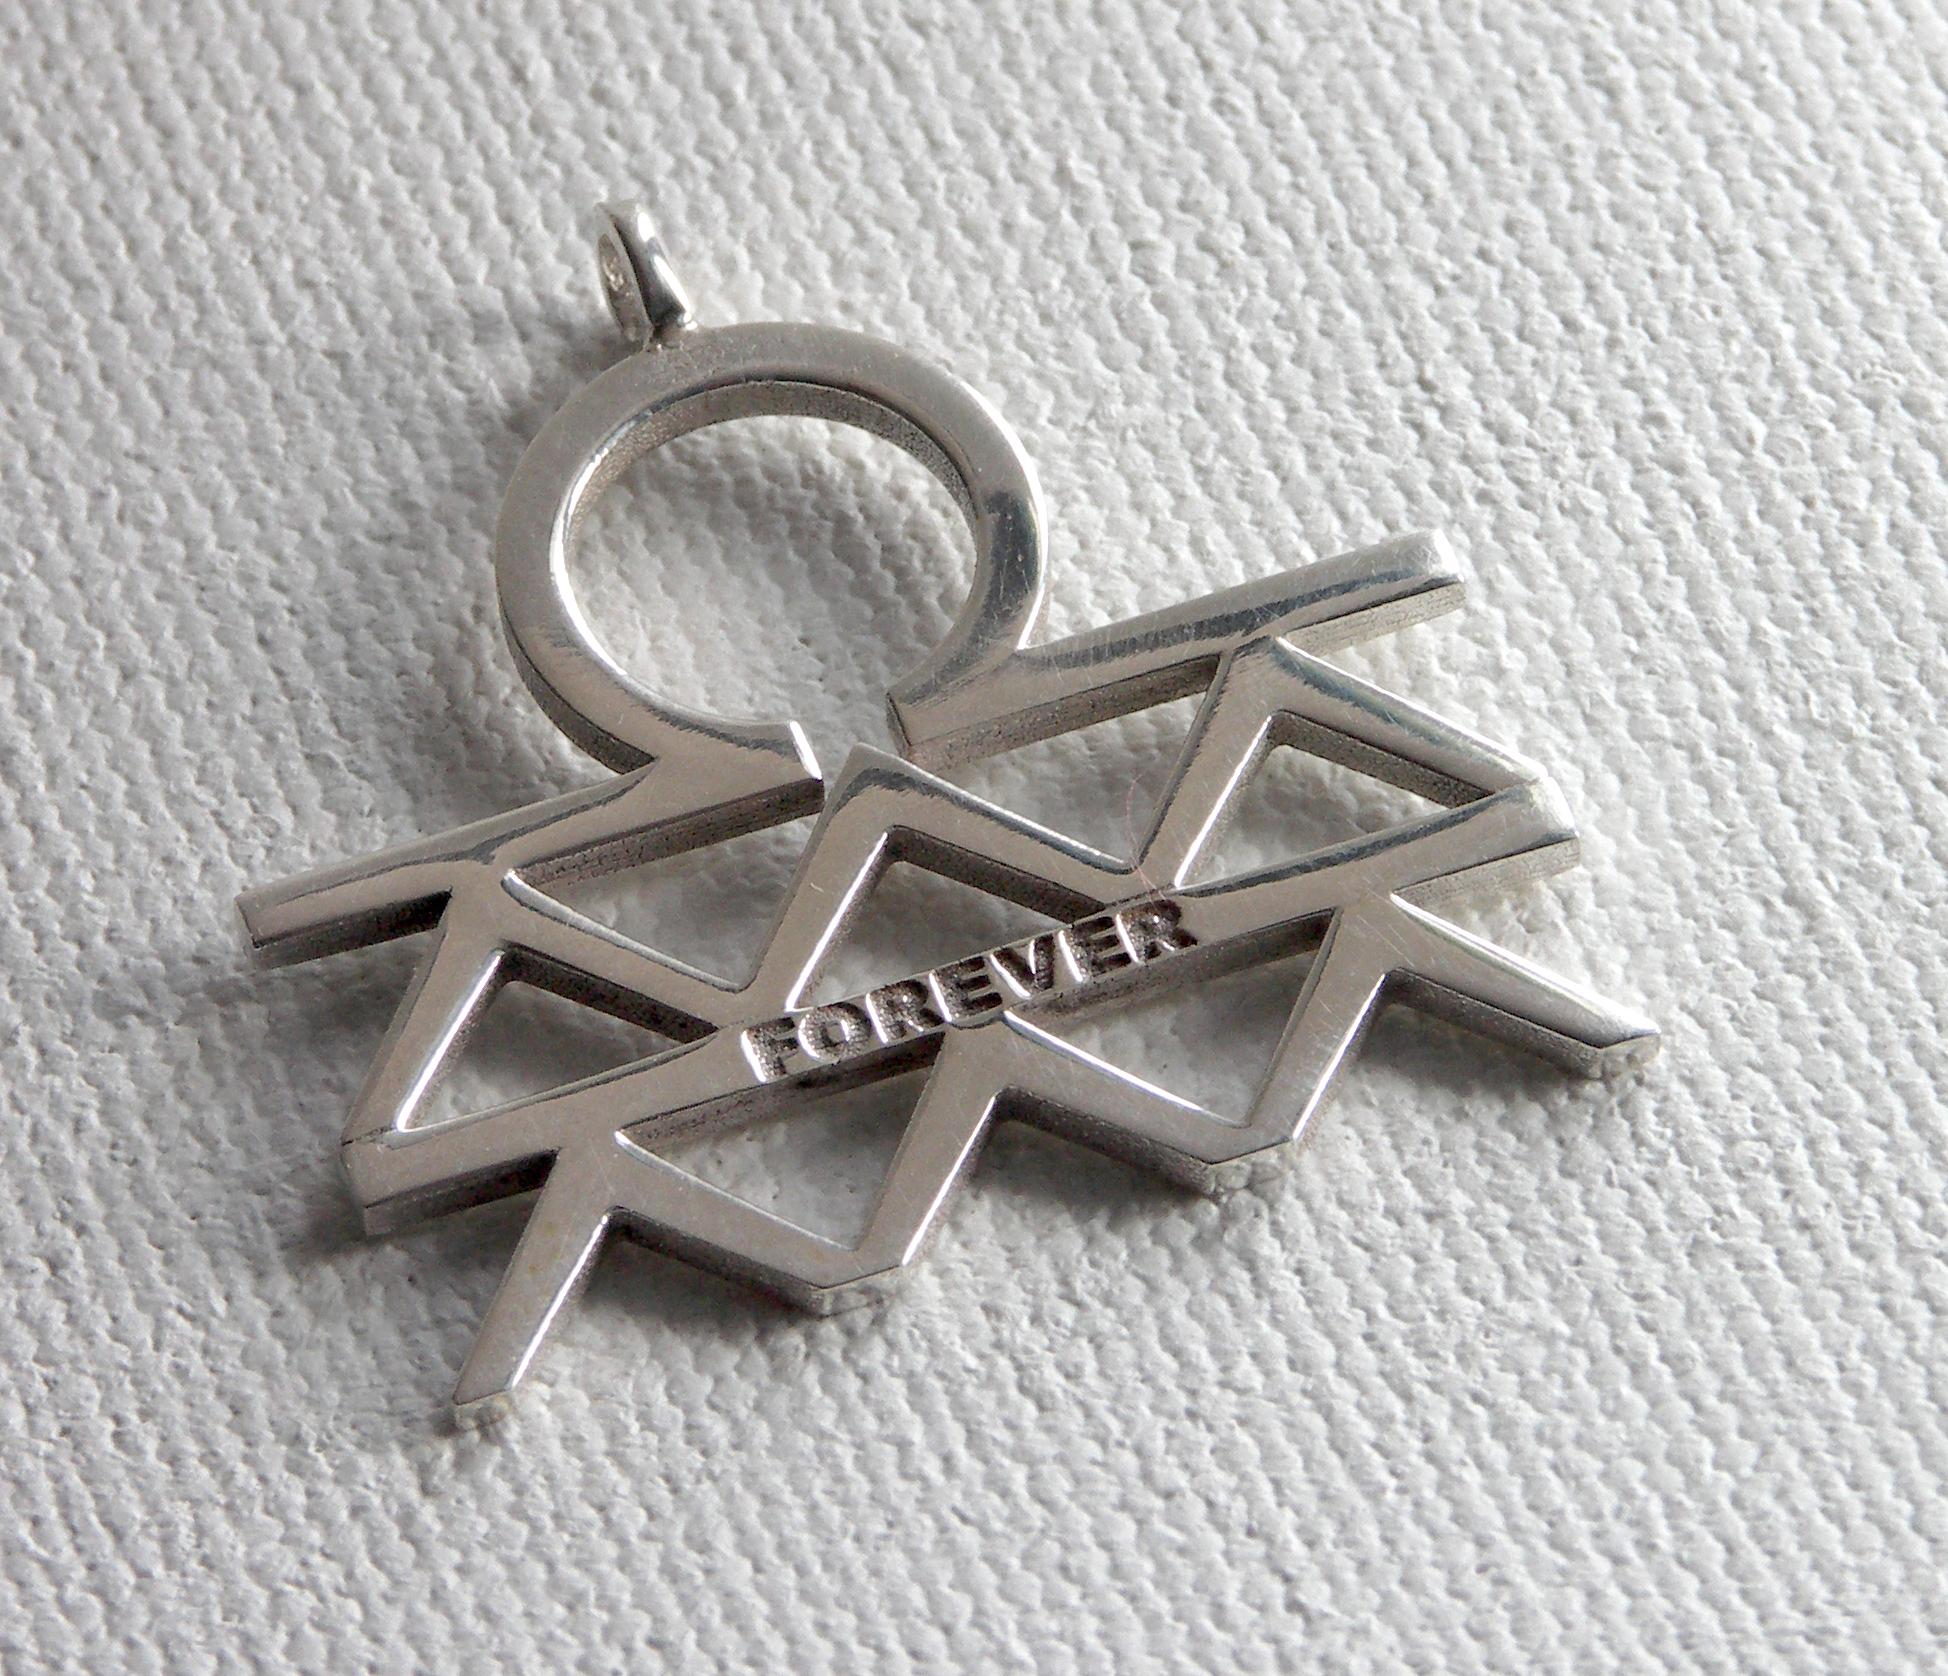 forever pendant.jpg